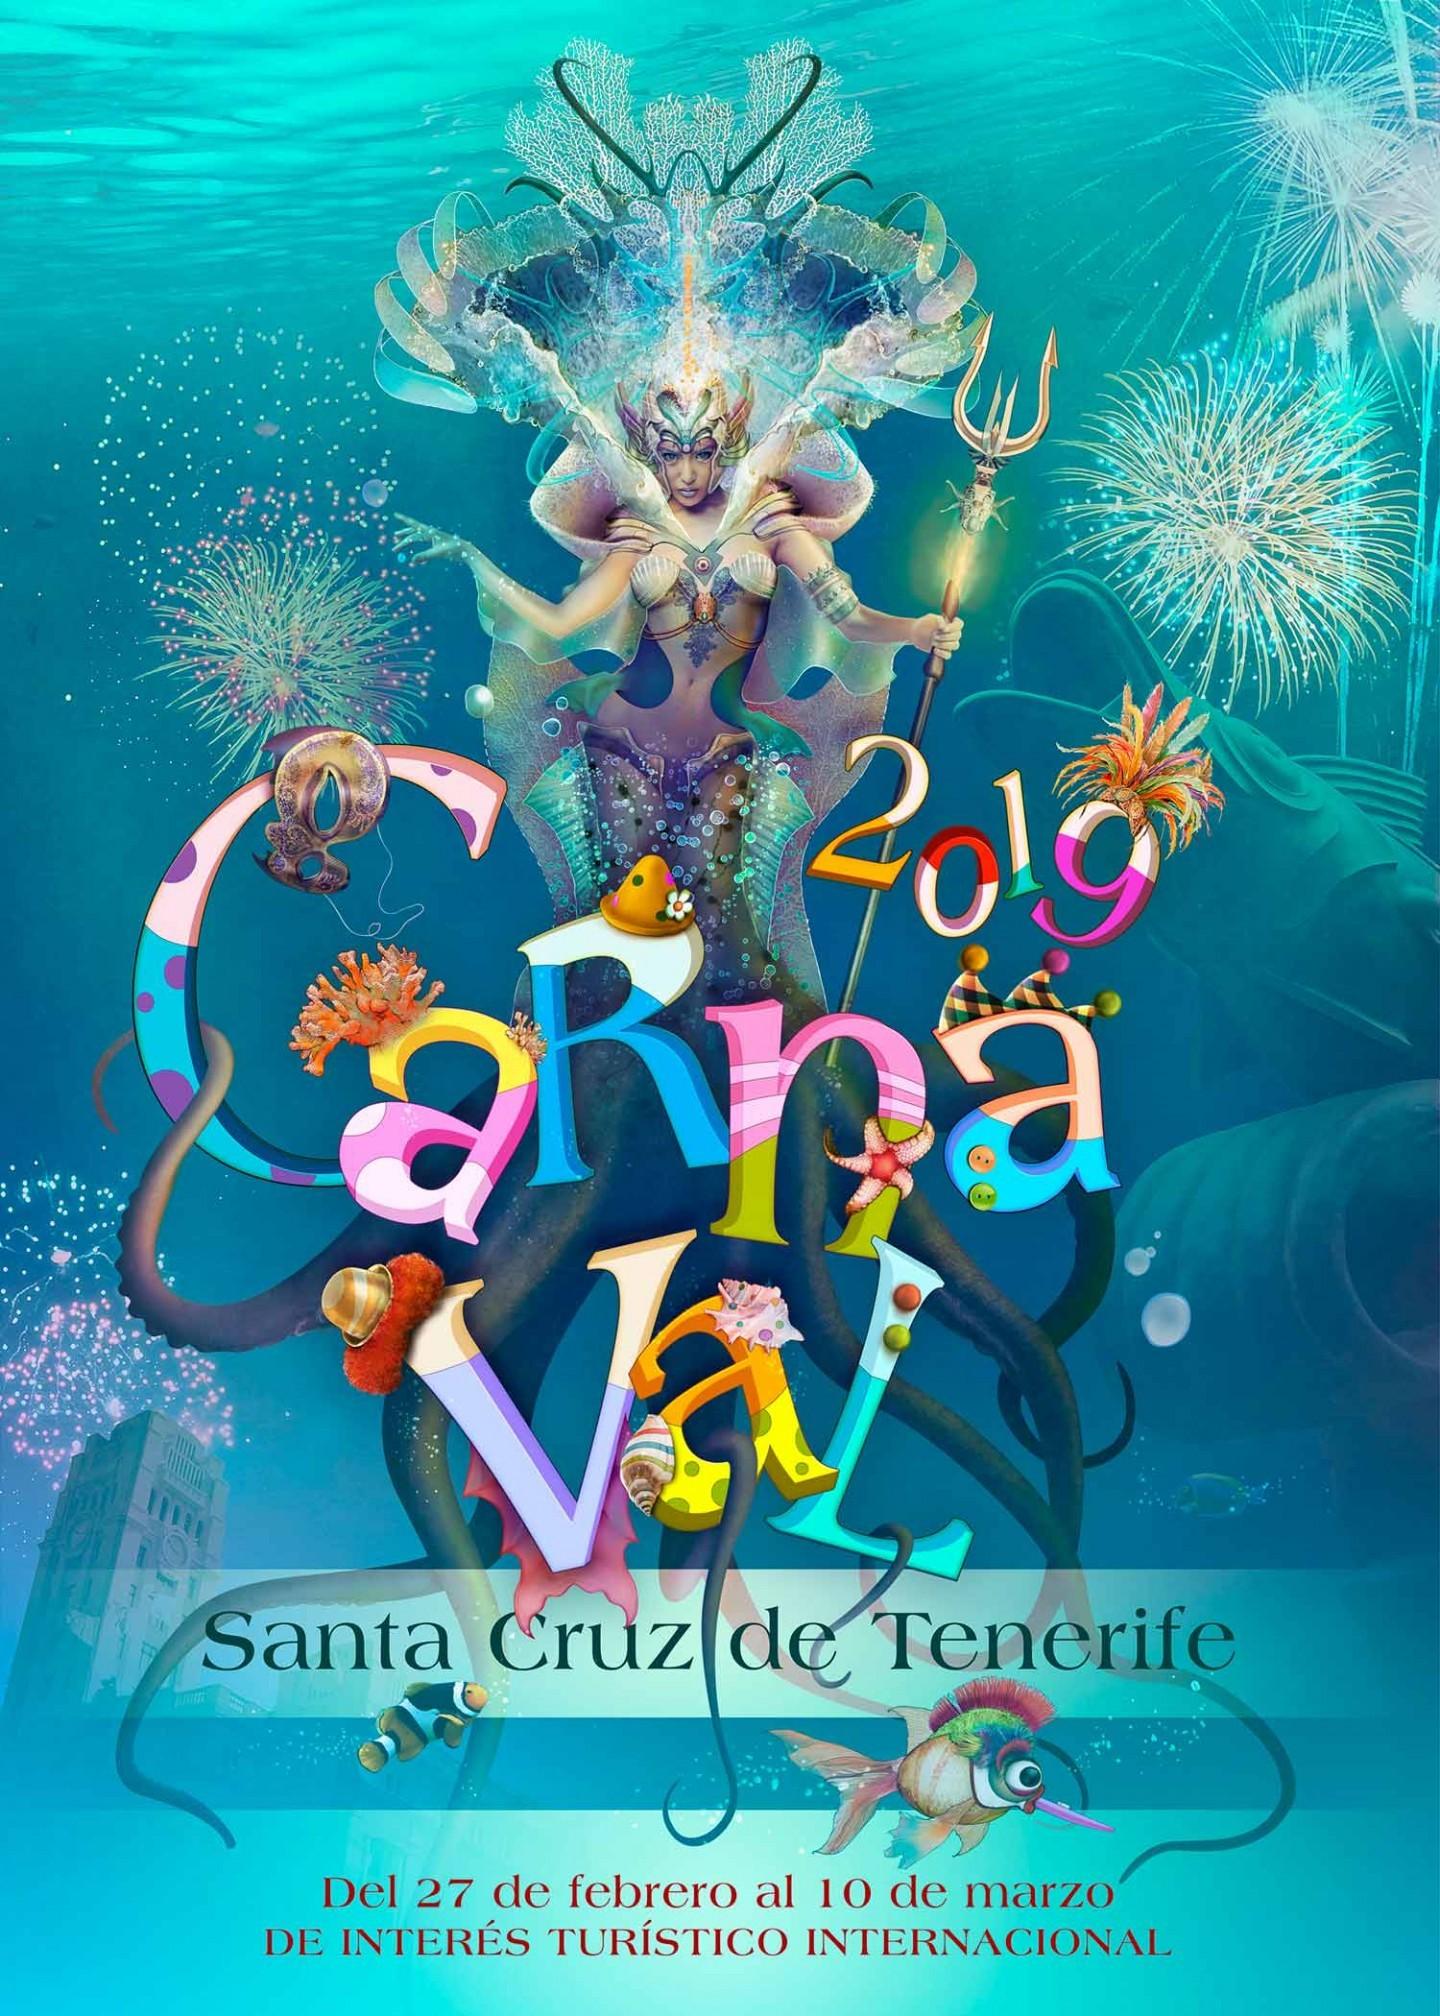 El cartel titulado Encarnaci³n del Carnaval Marino de José Luis Trujillo González anunciará el Carnaval de Santa Cruz de Tenerife 2019